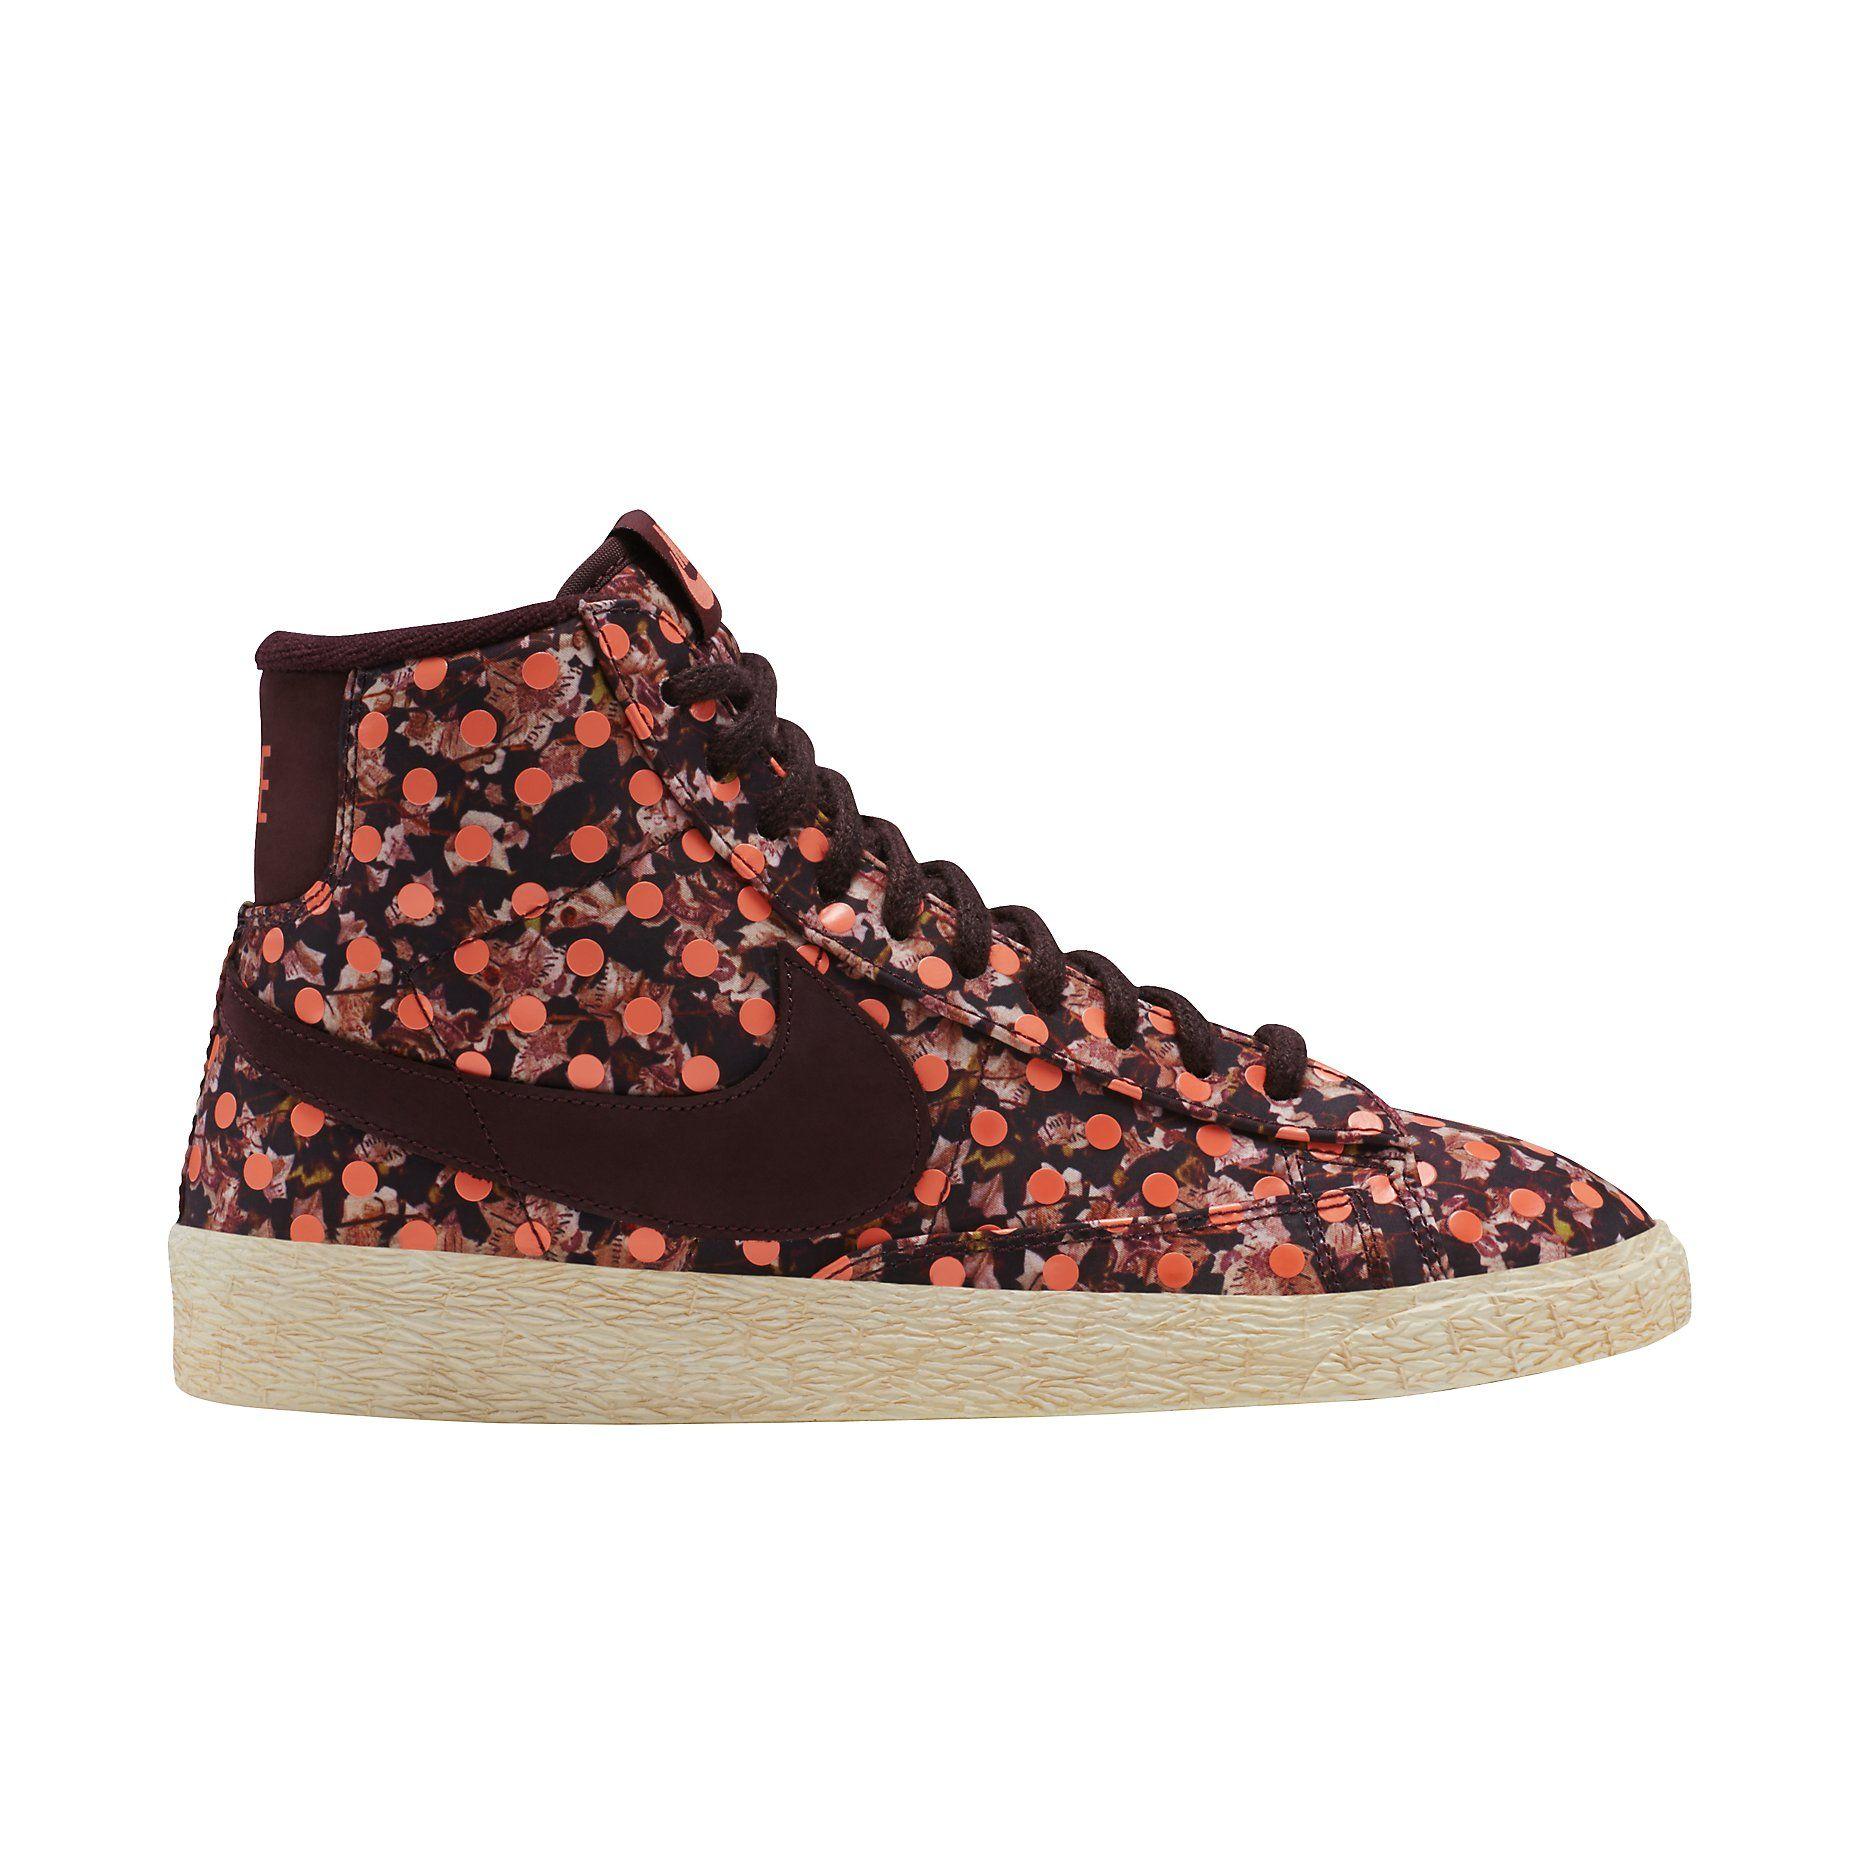 Femmes Nike Blazer De Liberté Mi Cru Chaussure grosses soldes classique jeu à vendre réduction fiable LrnO8I